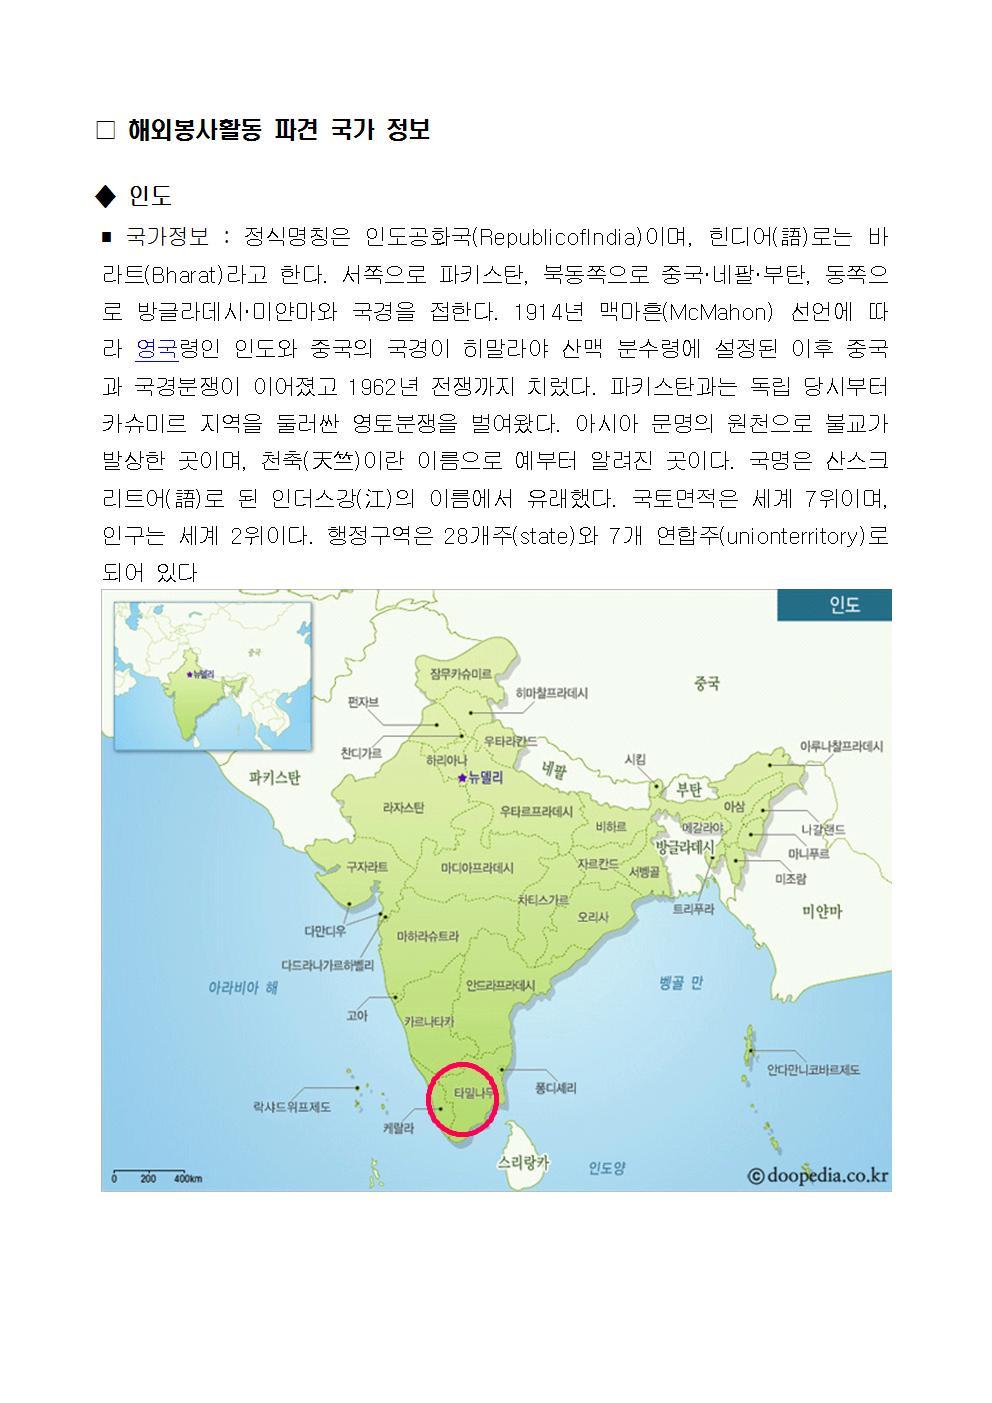 해외봉사활동 계획005.jpg